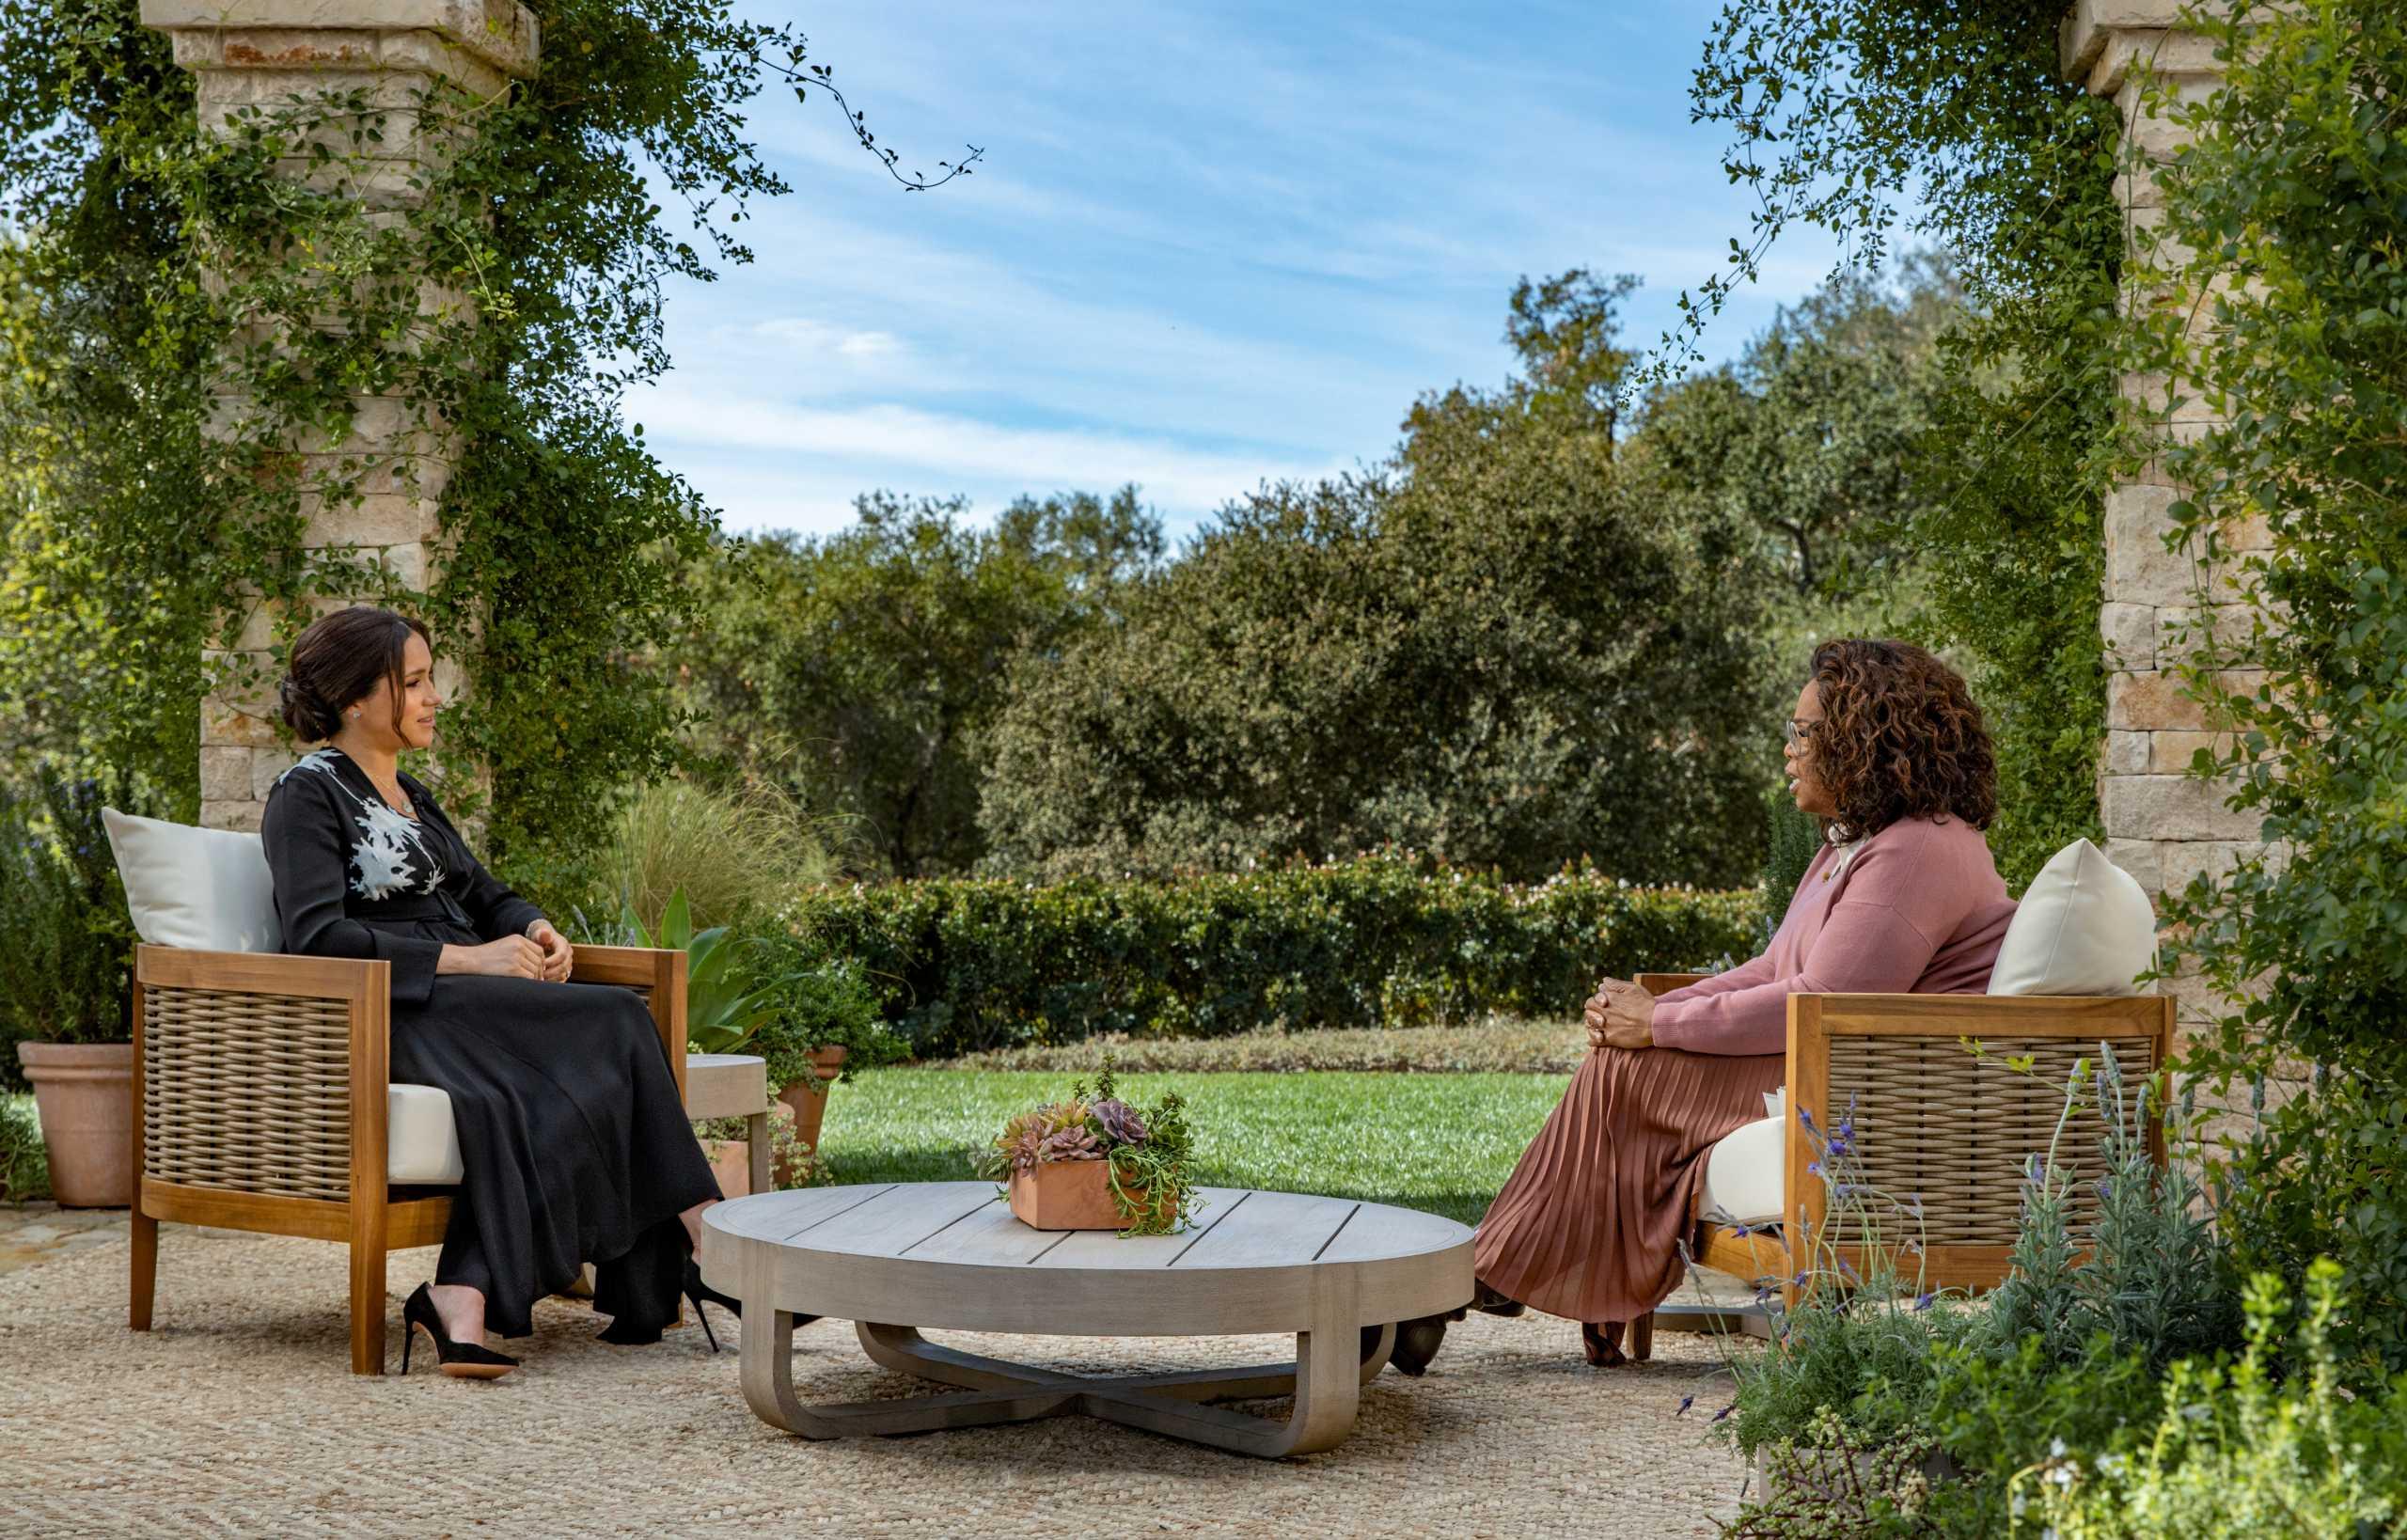 Μέγκαν Μαρκλ: Ο πατέρας της ζητά από την Όπρα να του πάρει συνέντευξη για τη σχέση τους (pics)